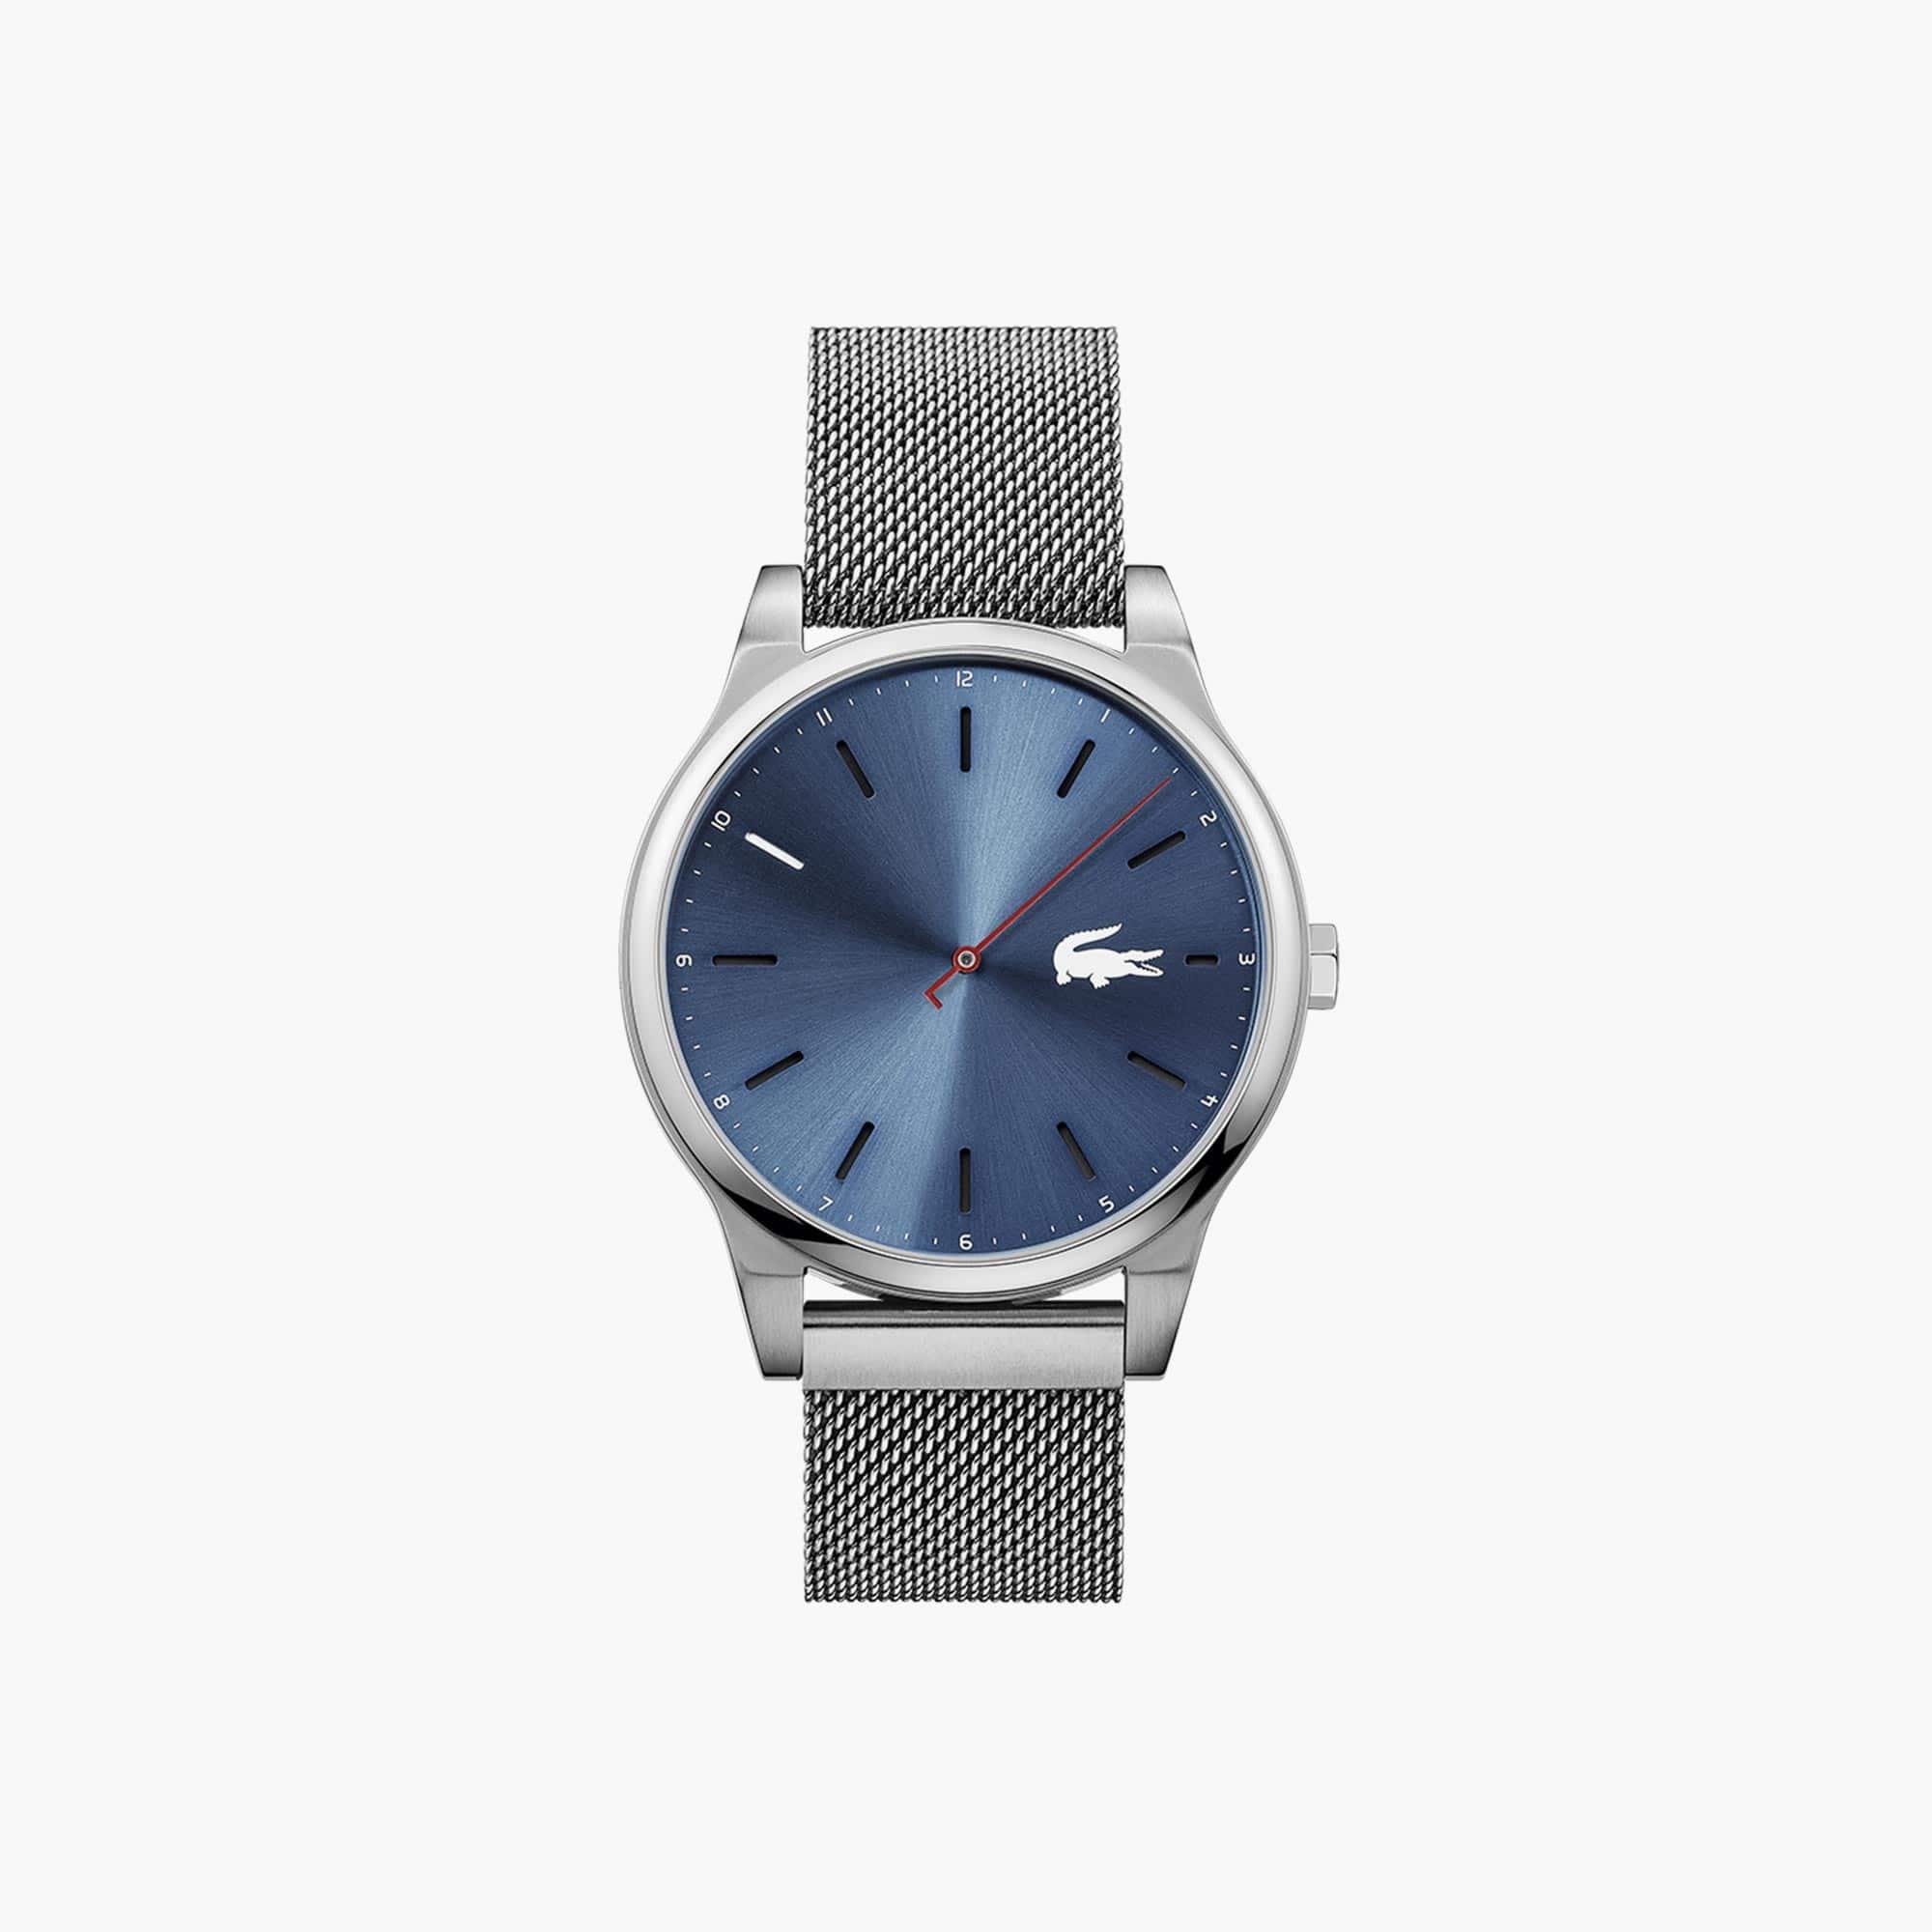 Relógio Kyoto de homem com bracelete de rede em aço inoxidável